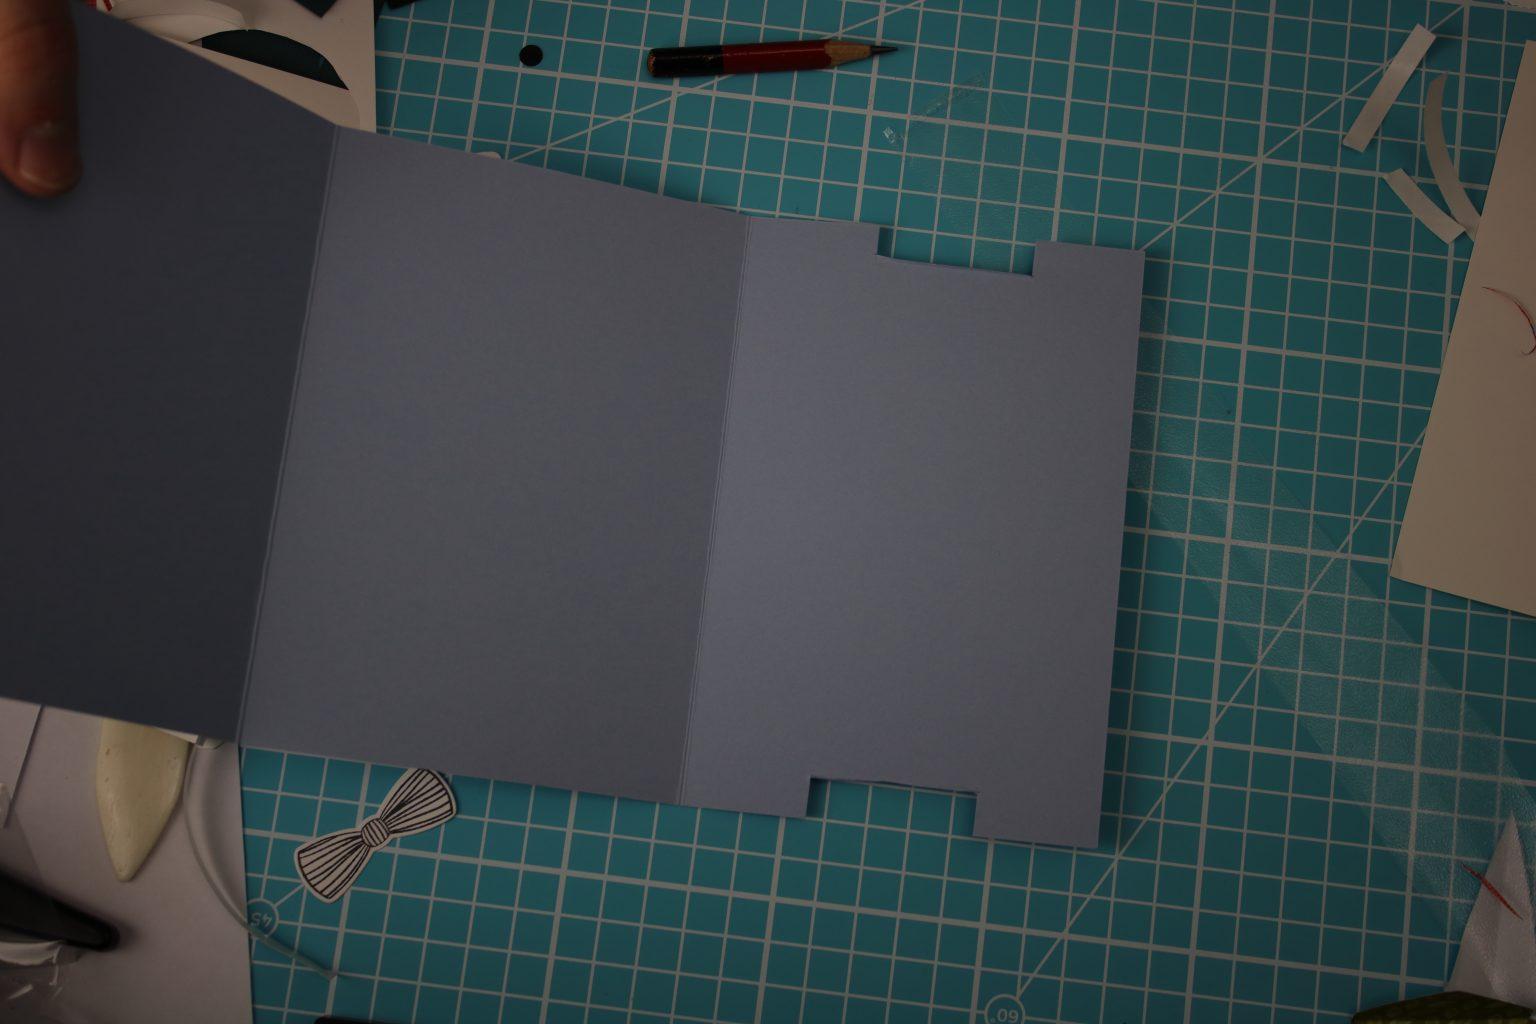 Wenn ihr wissen wollt wie hieraus dann die Mechanik für die Double Slider Card entsteht, lasst mir doch einen Kommentar unter dem Blog da.